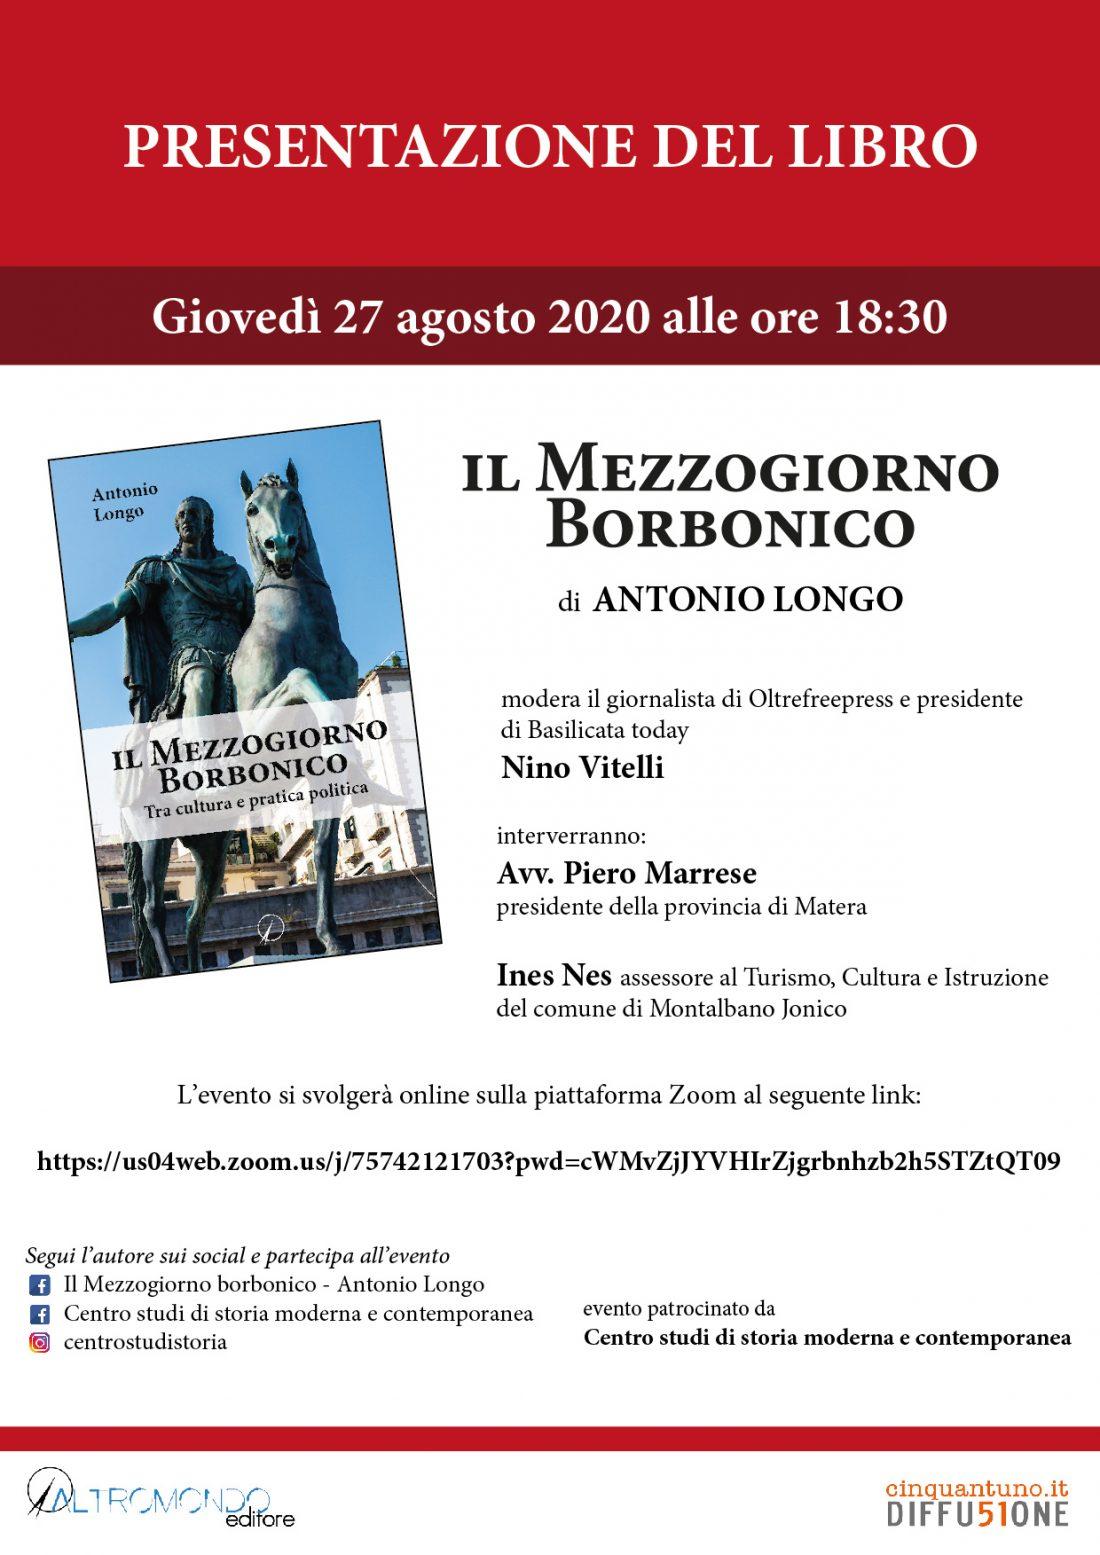 """Presentazione online del libro """"Il Mezzogiorno borbonico"""" di Antonio Longo"""